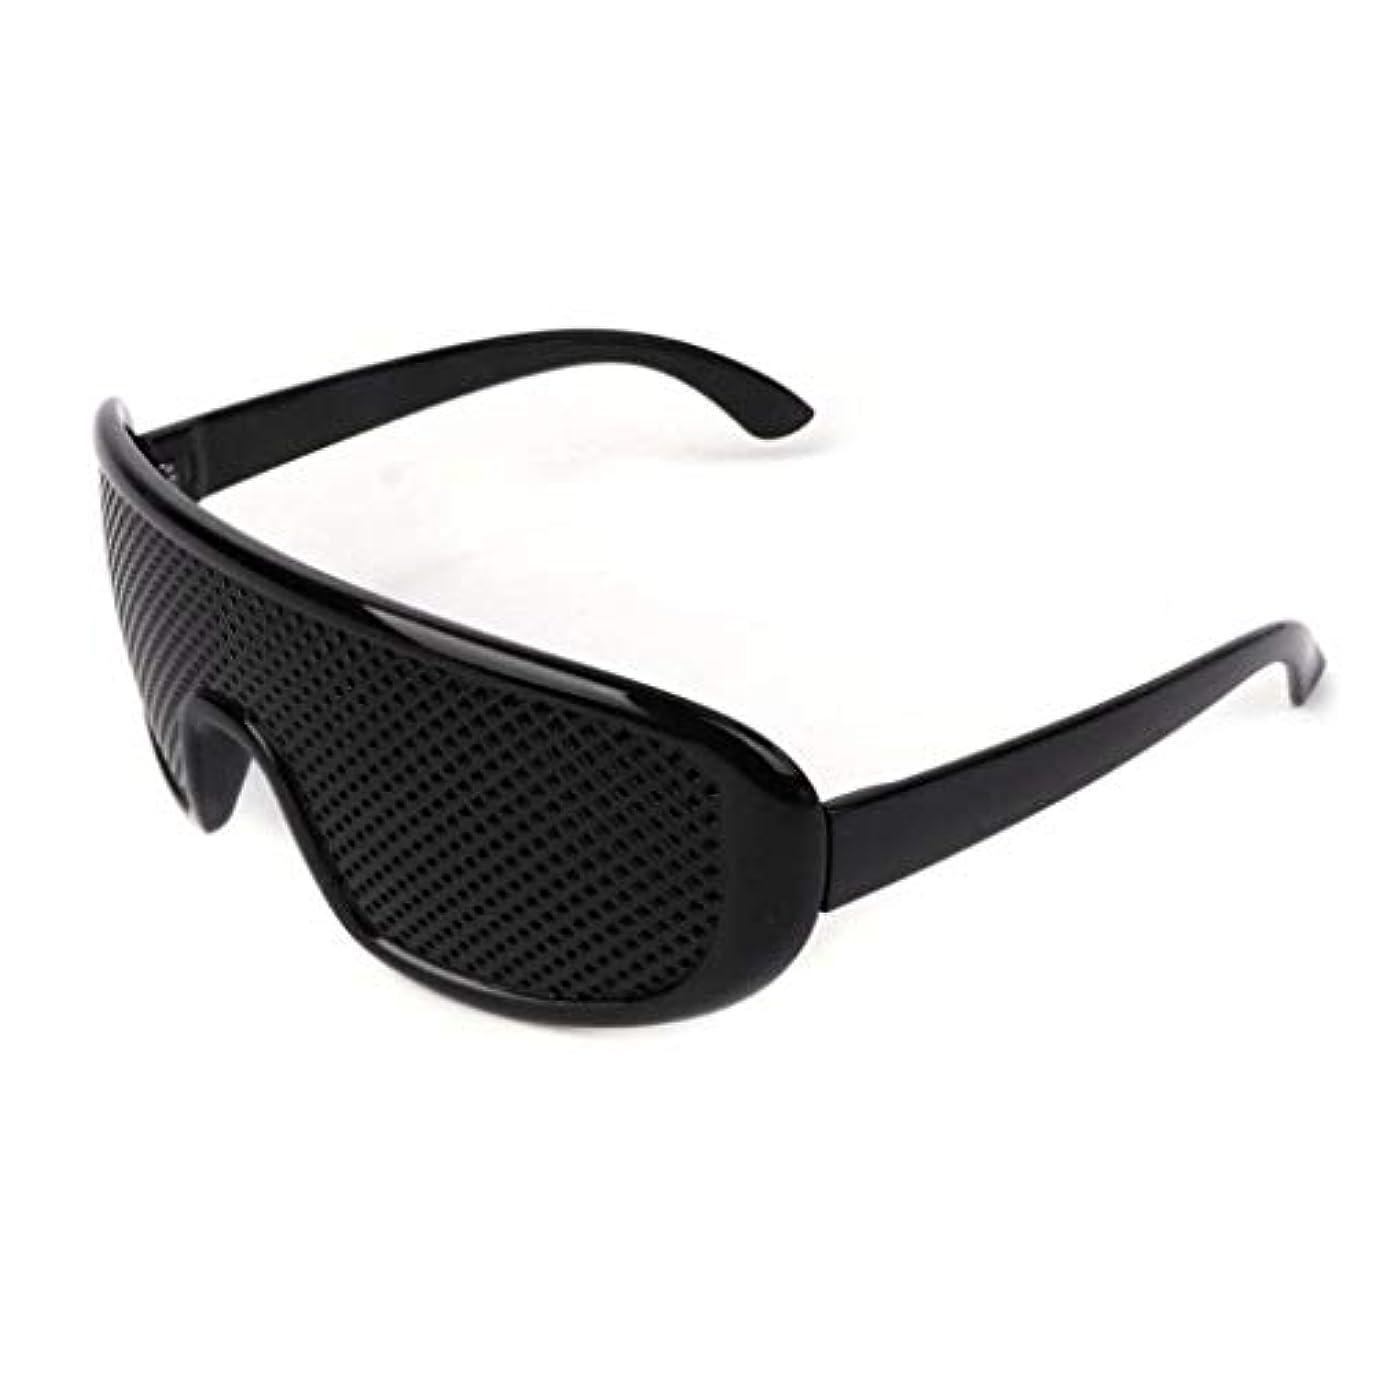 操作可能透明に私ピンホールメガネ、視力矯正メガネ網状視力保護メガネ耐疲労性メガネ近視の防止メガネの改善